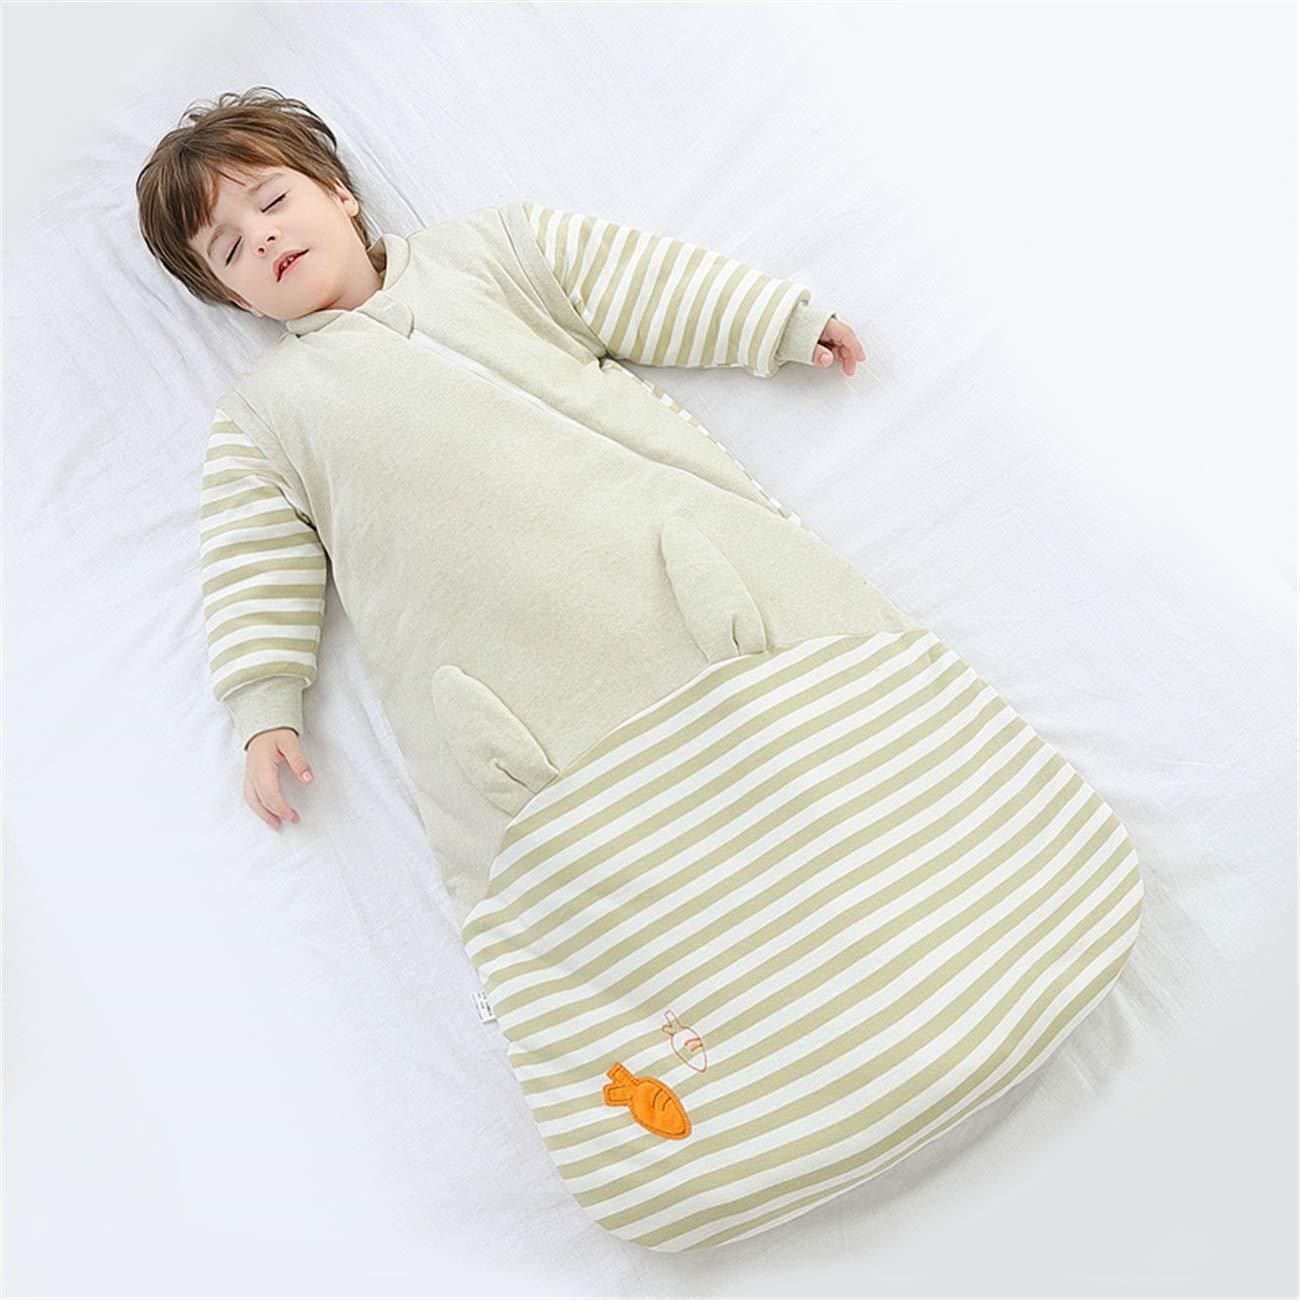 Braun Chilsuessy Kinderschlafsack Baby Winterschlafsack Vorne 3.5 Tog und hinten 2.5 Tog Schlafsaecke aus GOTS Bio Baumwolle Verschiedene Groessen von Geburt bis 4 Jahre alt S//Koerpergroesse 60-70cm